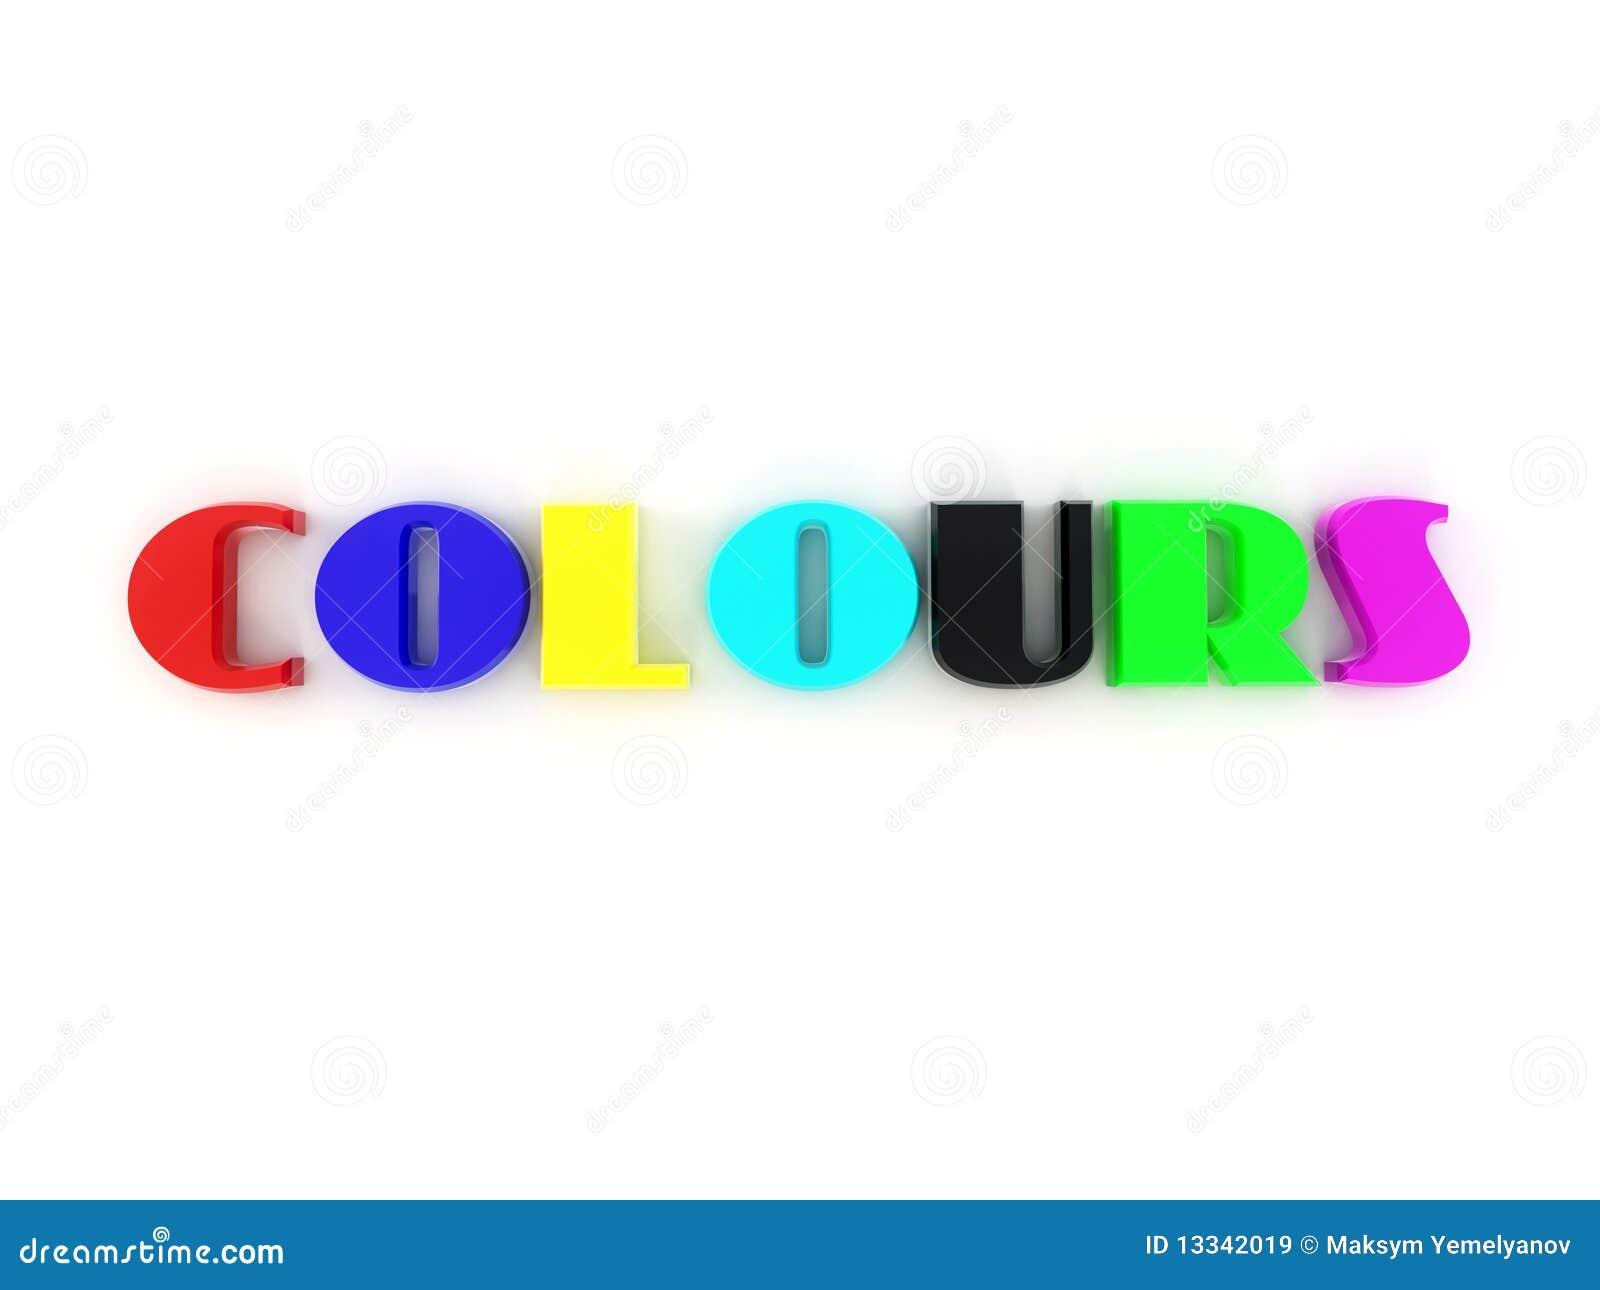 Colours. 3d